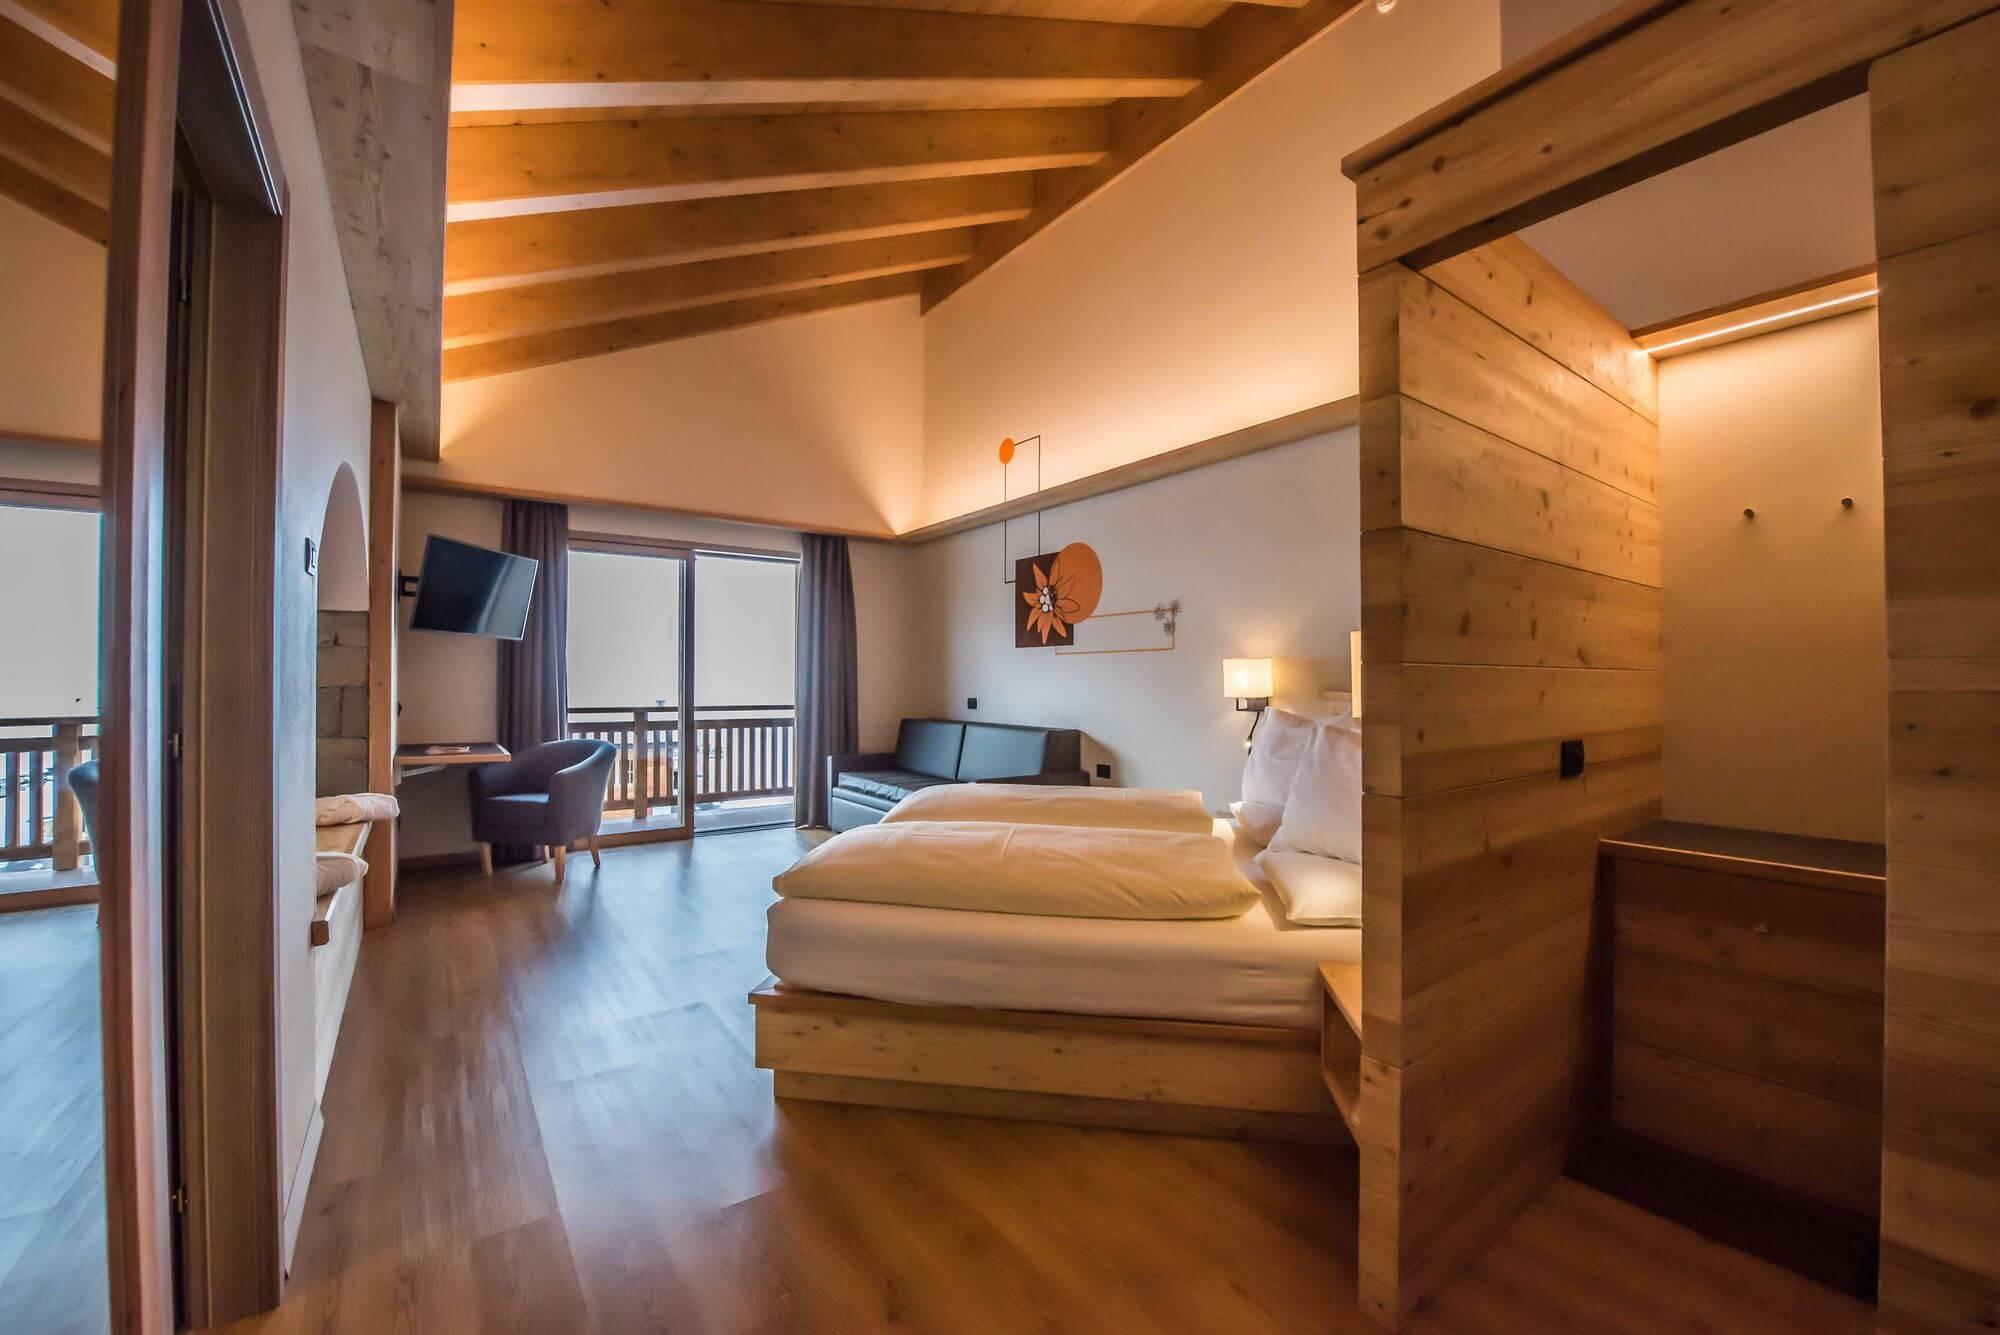 Ingresso della Suite: Hotel Le Alpi a Livigno